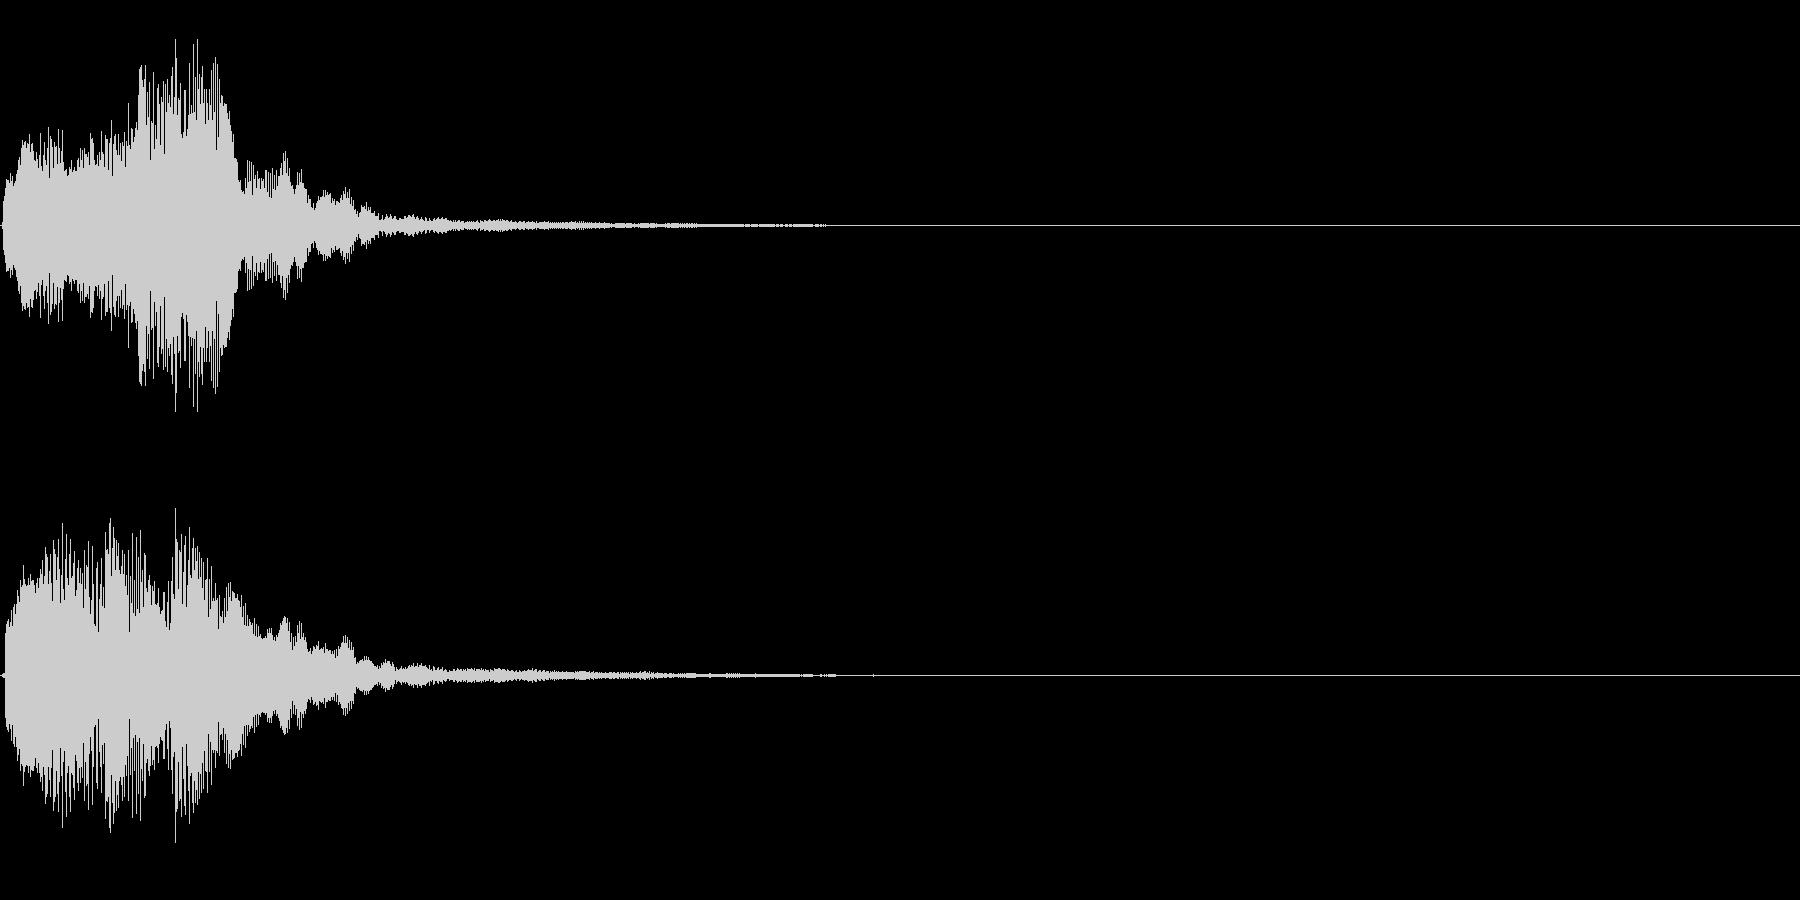 キラリン音A8 2音色×8フレーズの未再生の波形